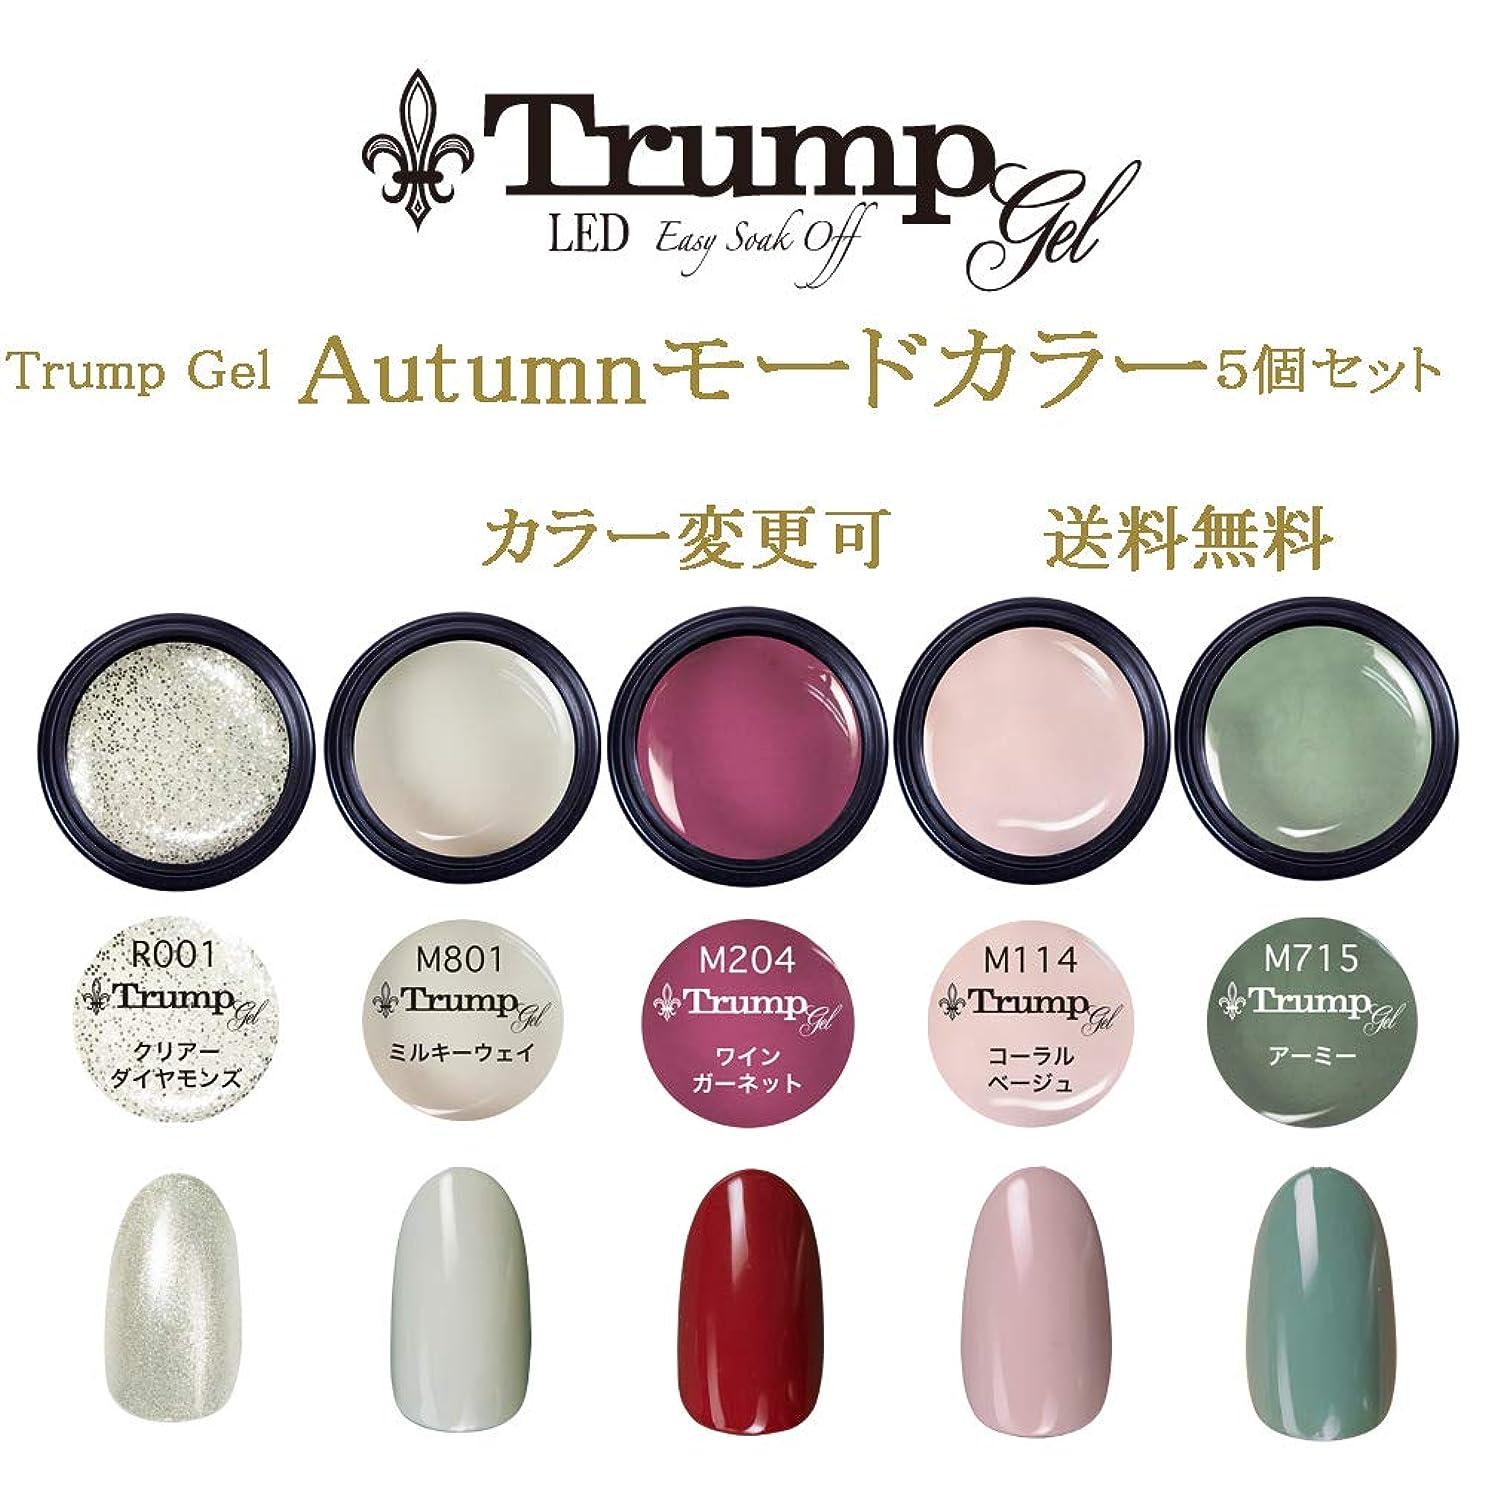 防ぐ牛肉年次【送料無料】日本製 Trump gel トランプジェル オータムモード カラー 選べる カラージェル 5個セット 秋ネイル ベージュ ボルドー カーキ ラメ カラー